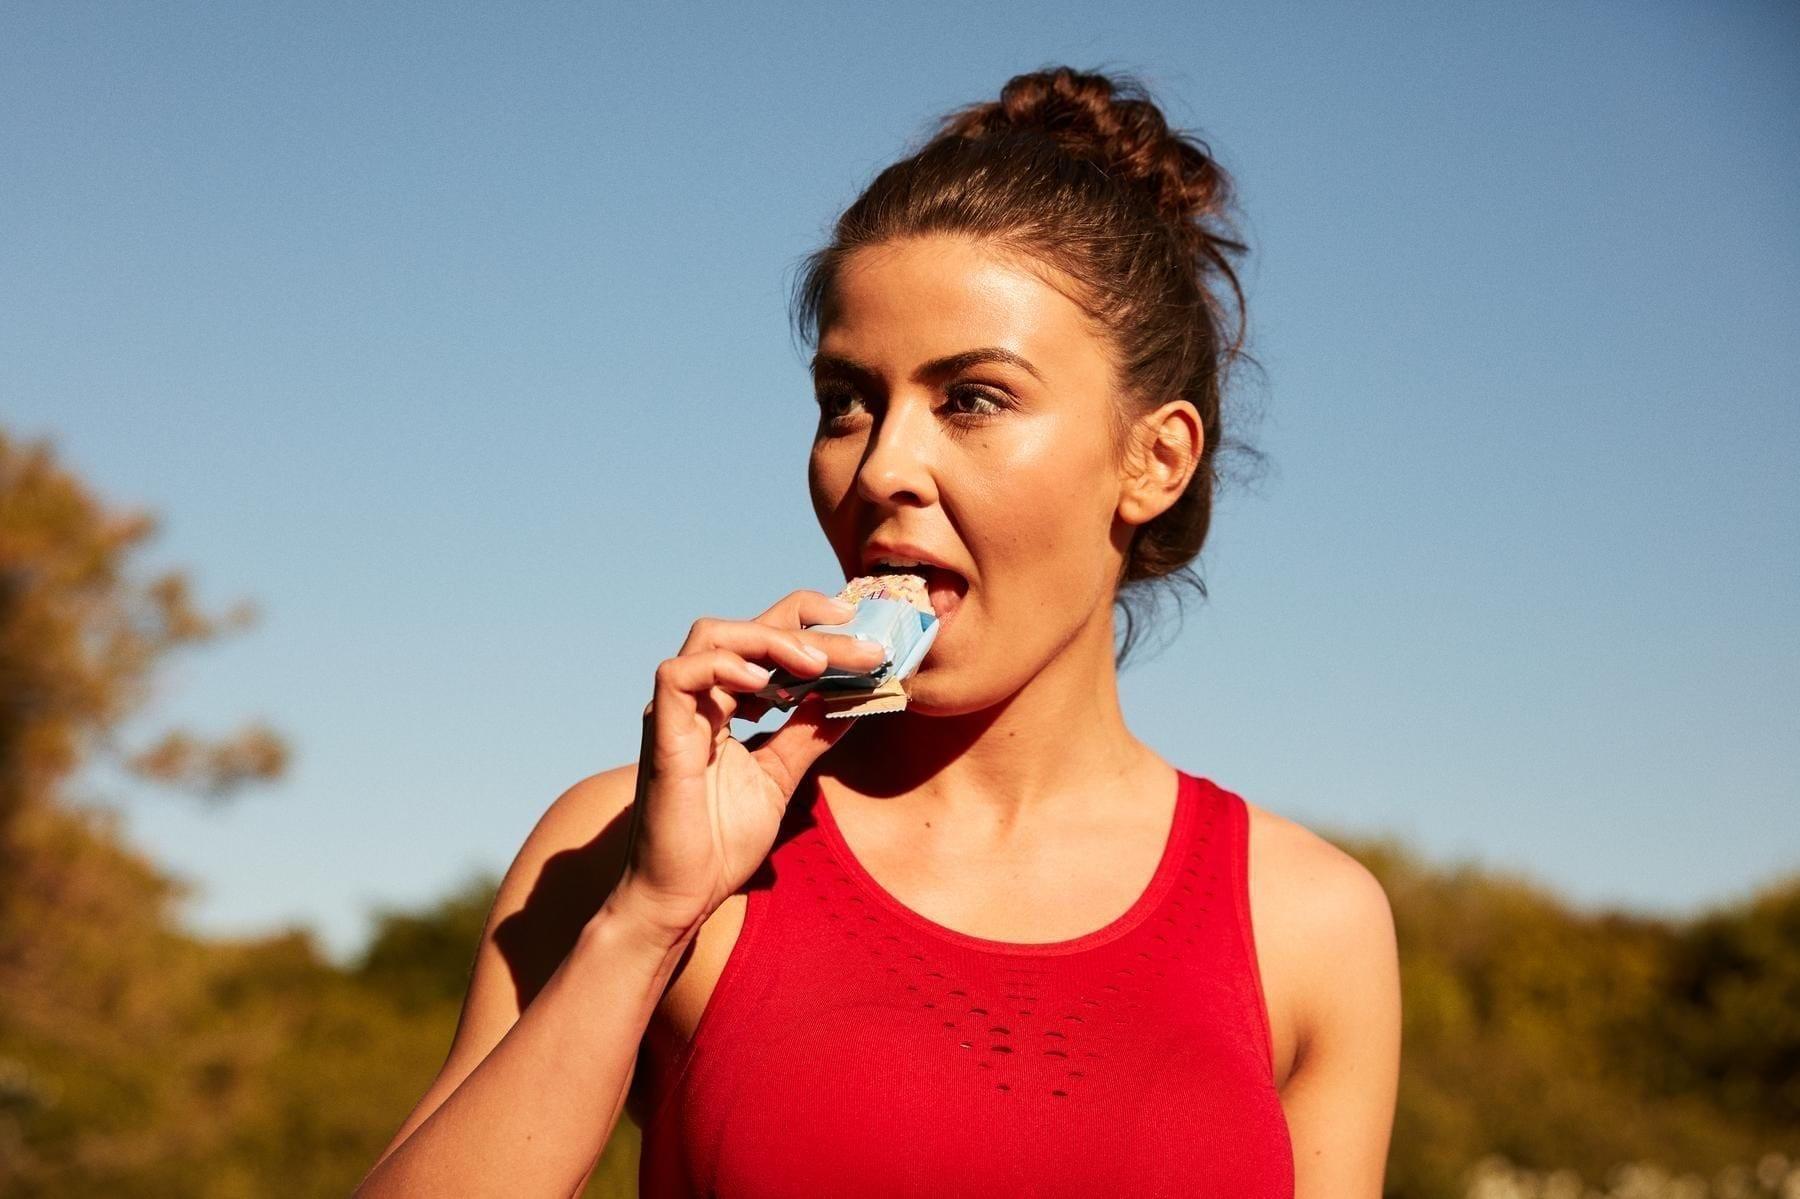 Sind Protein Shakes gut oder schlecht für dich? | Mythen & Fakten